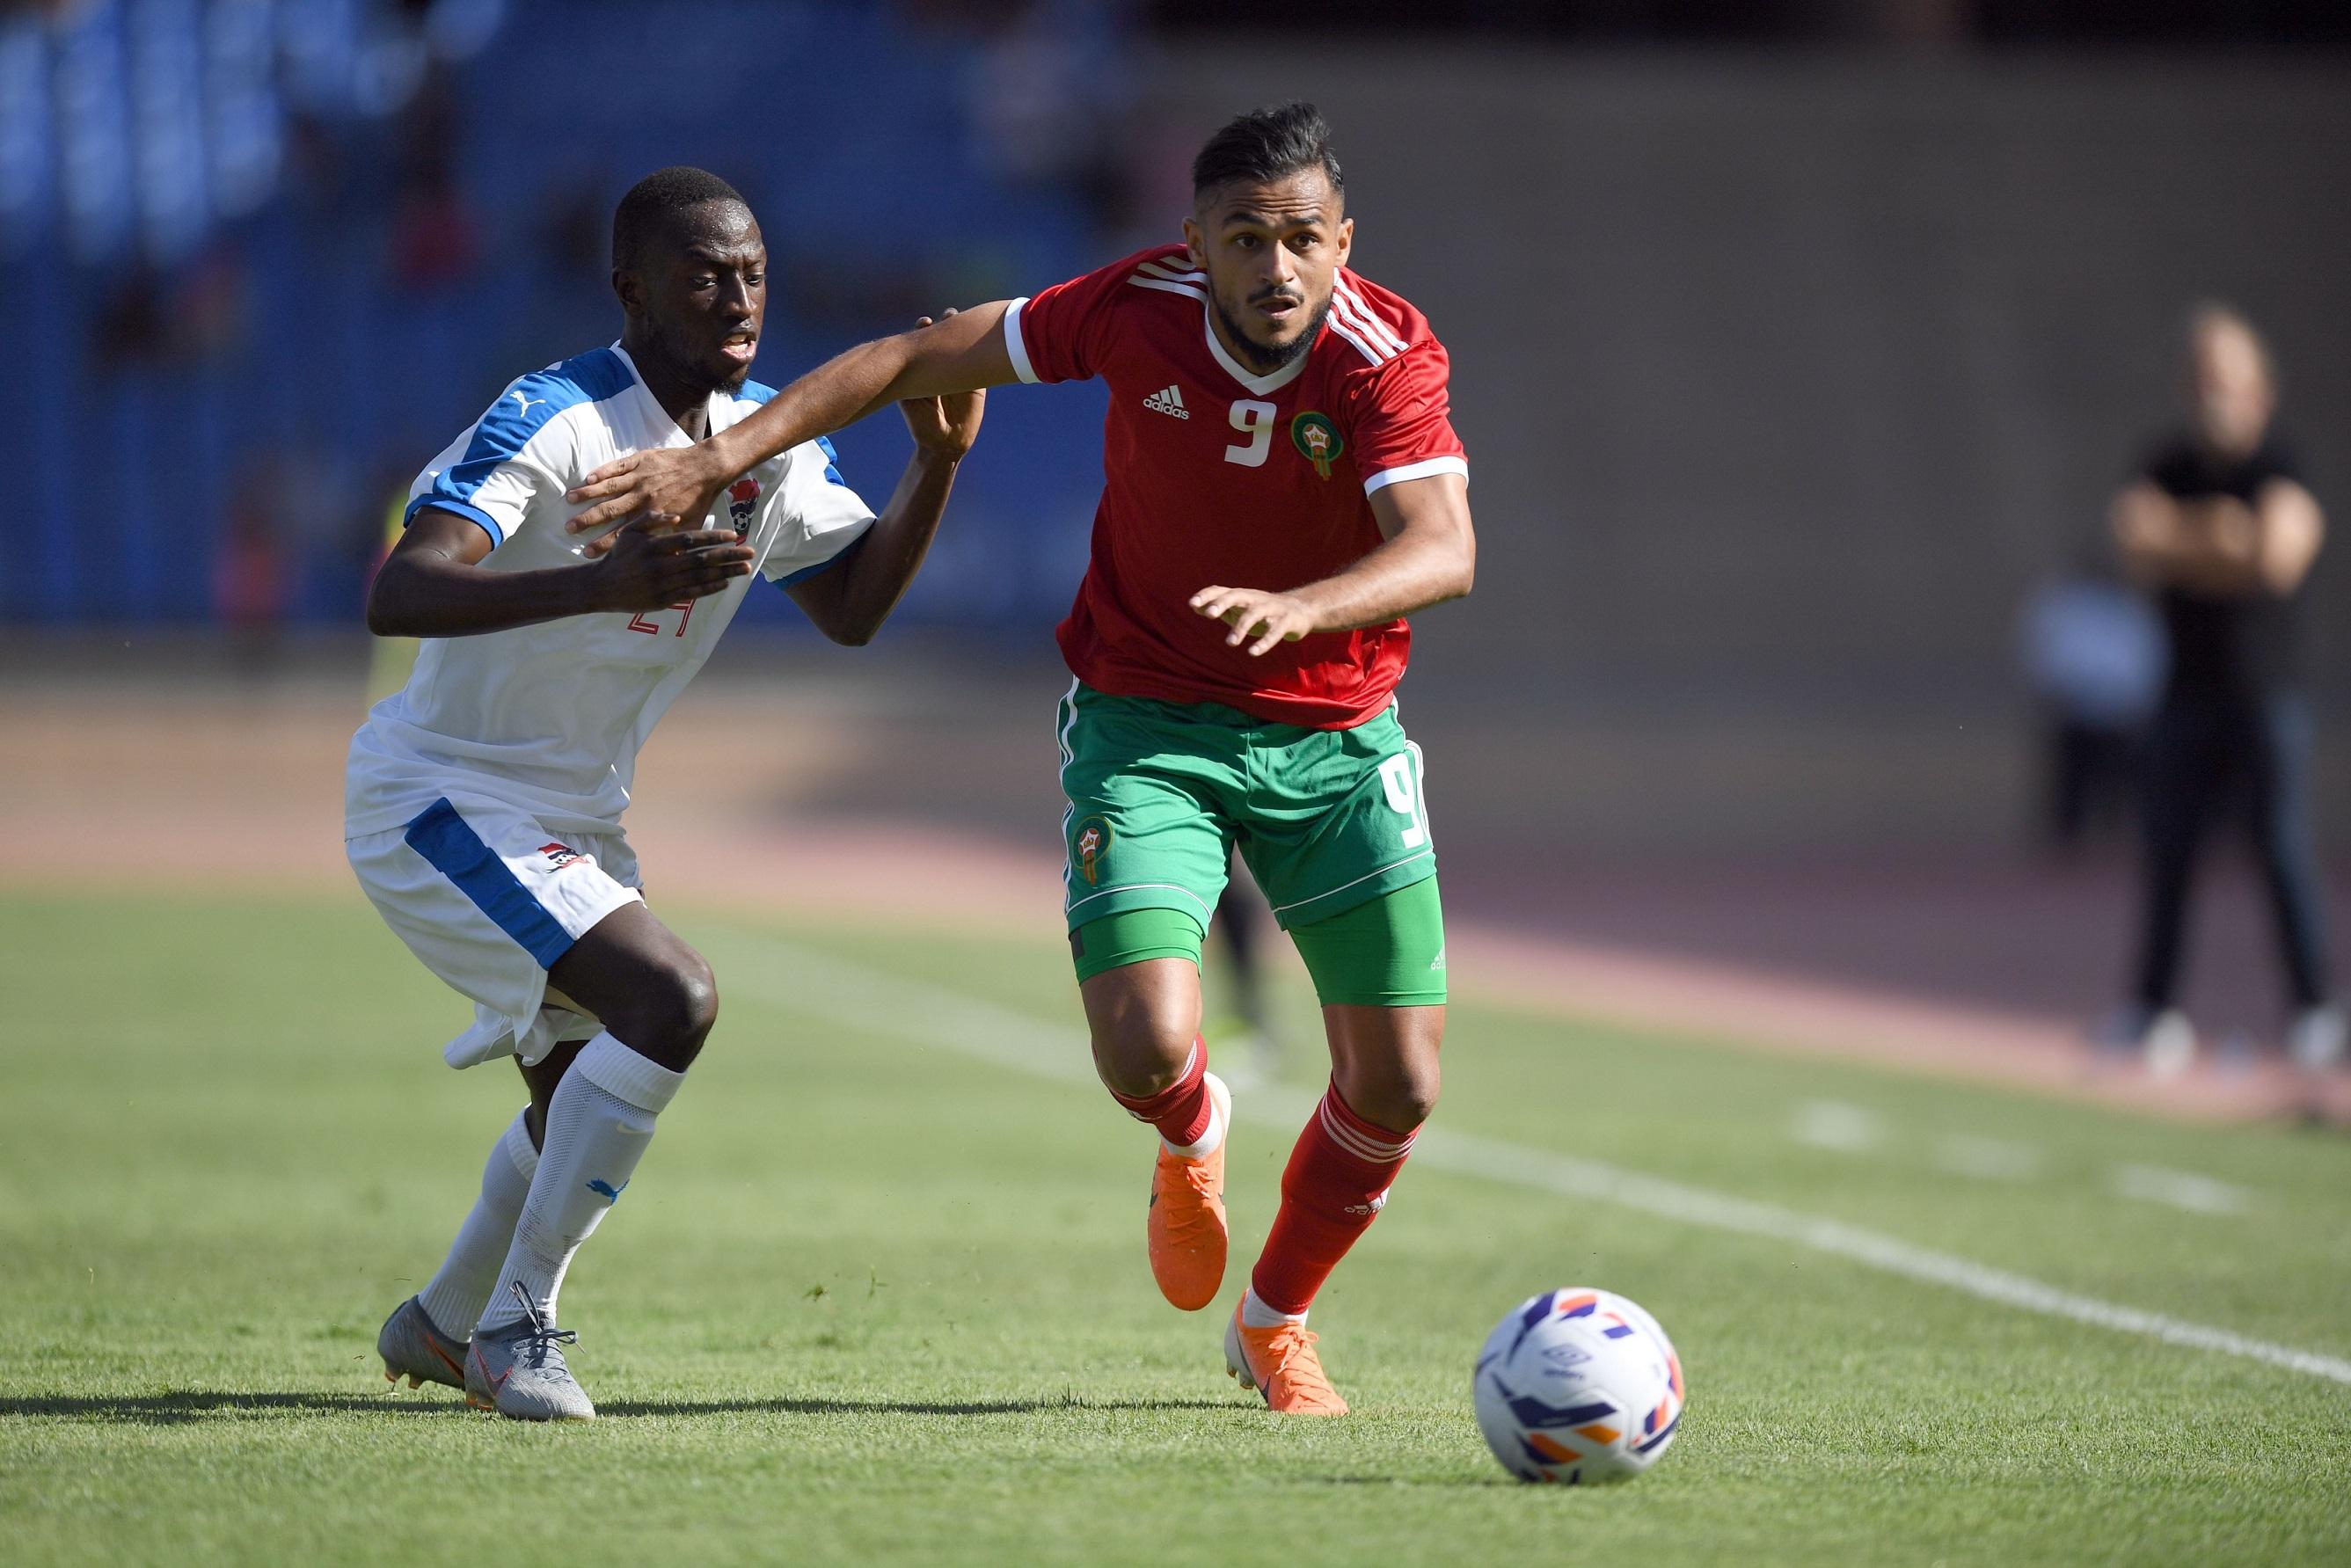 من ودية المغرب وغامبيا بمراكش